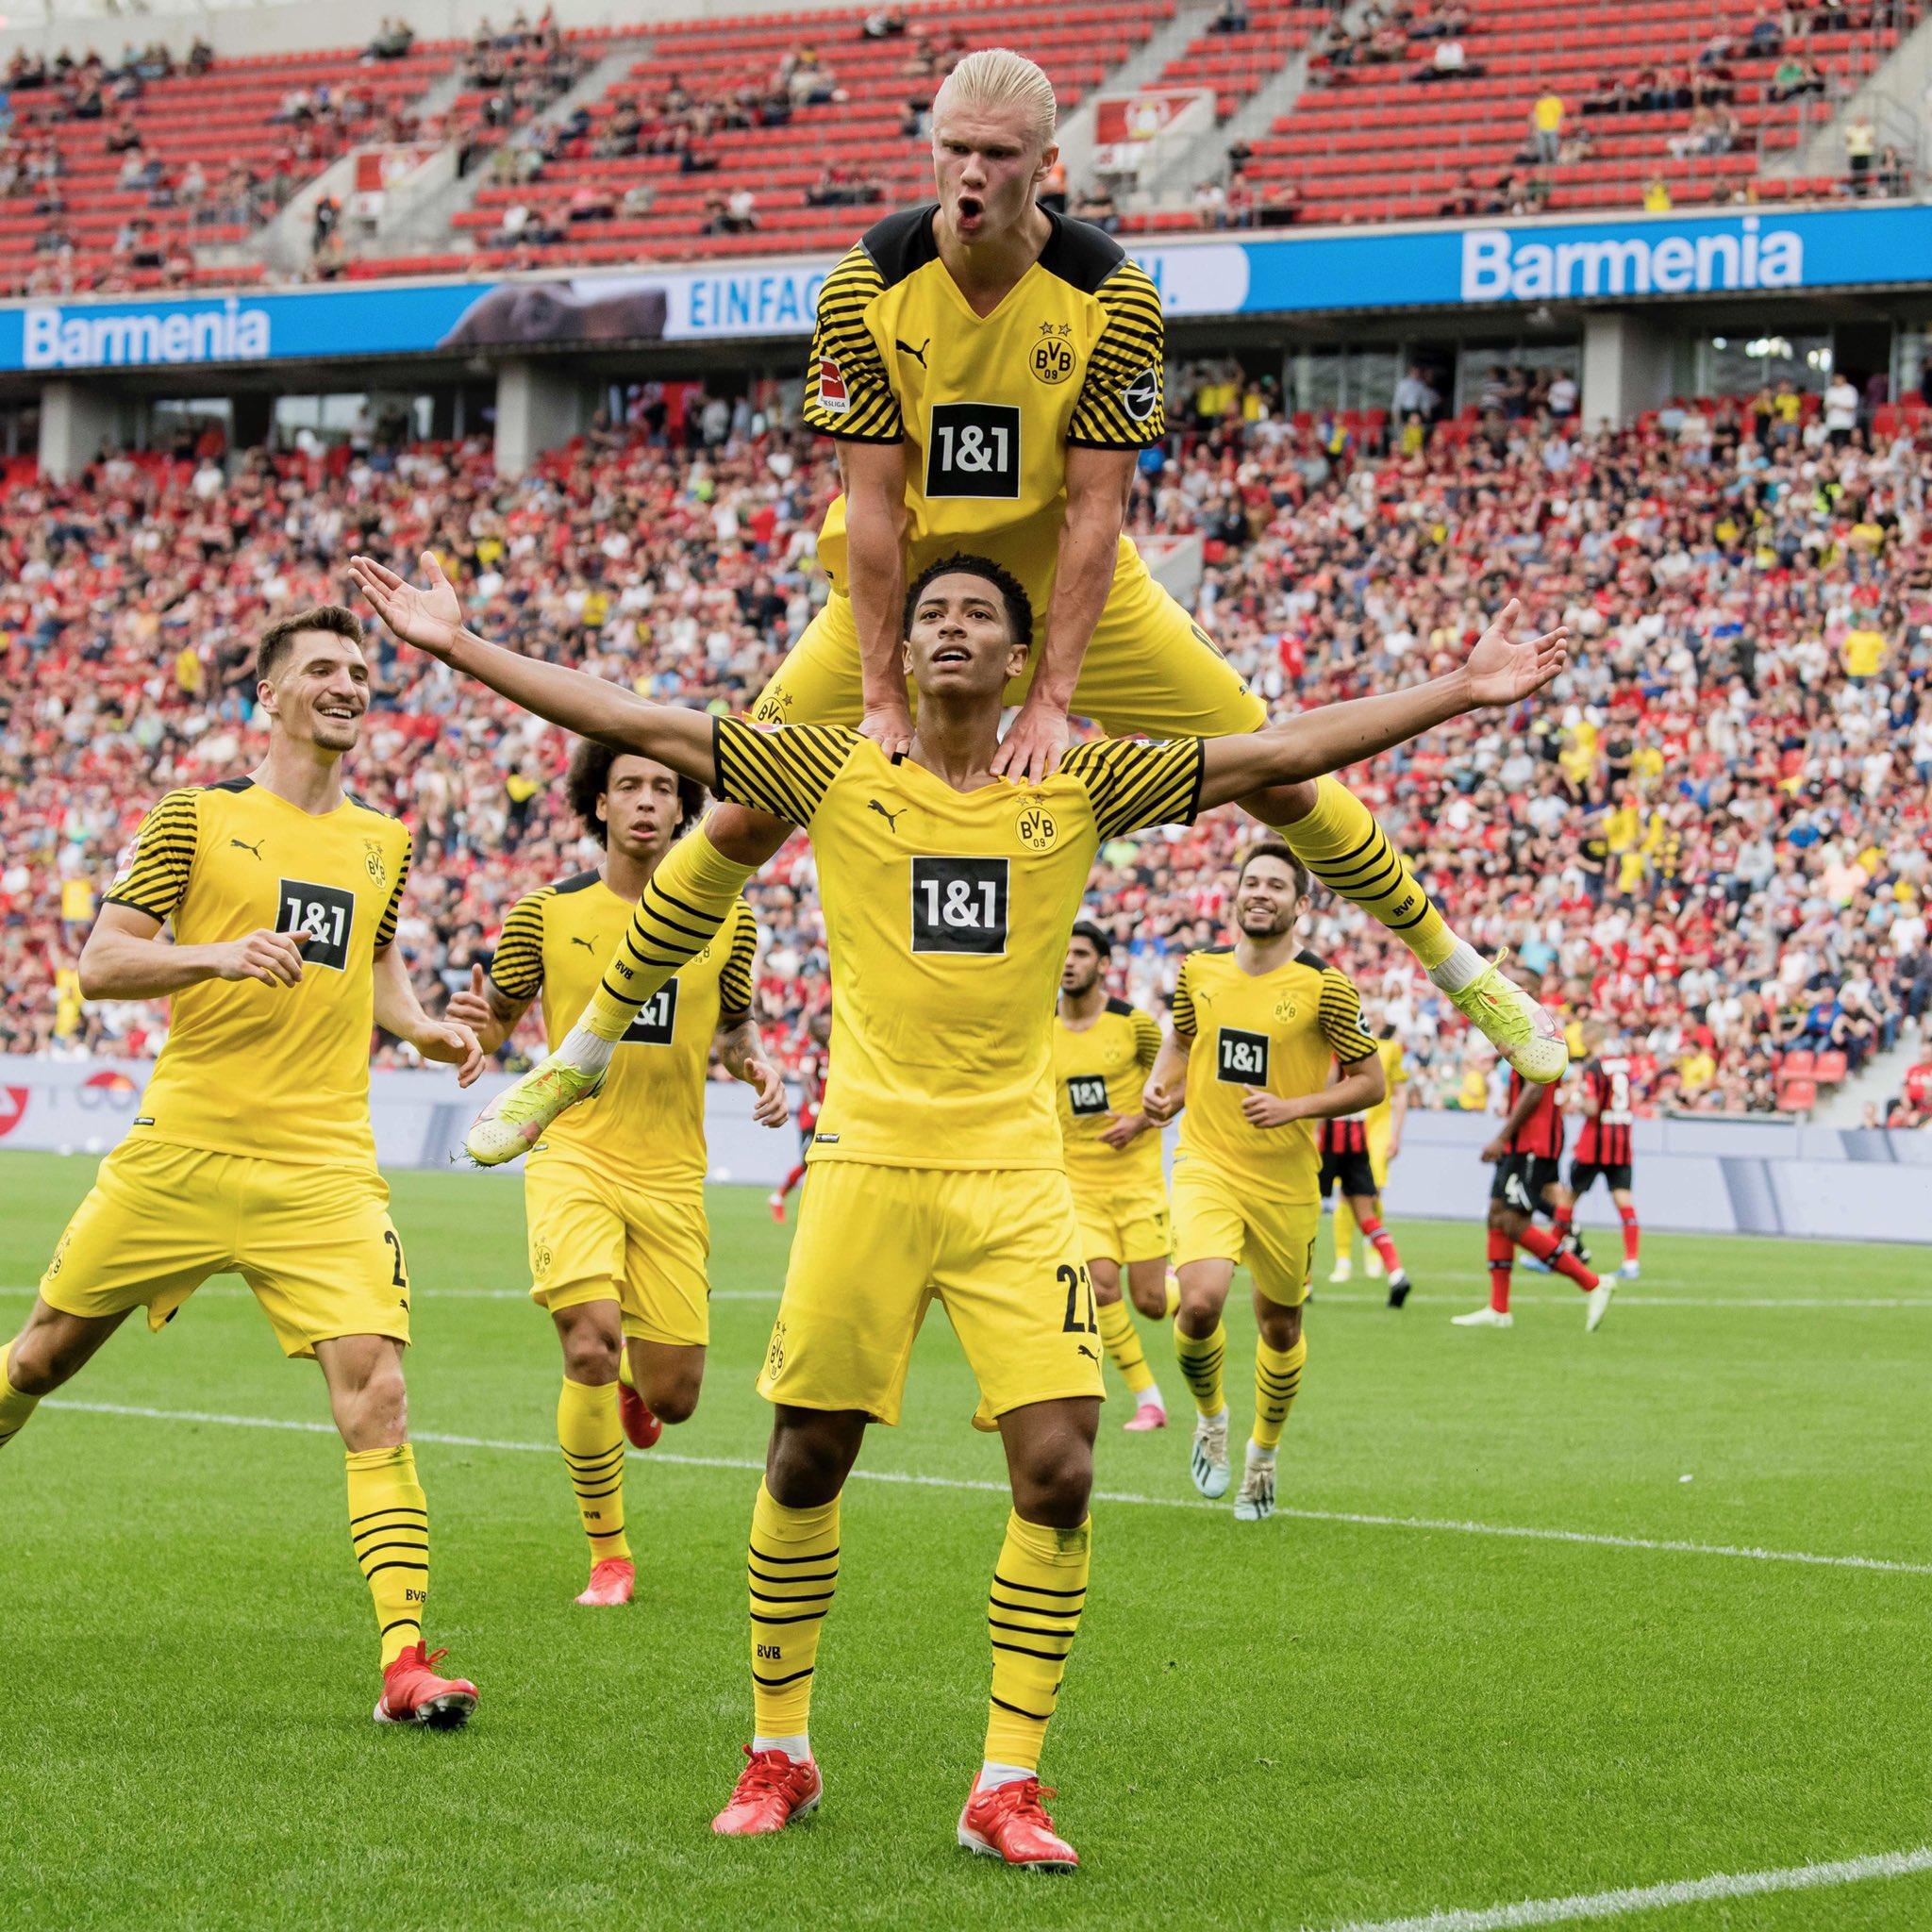 Haaland bay cao khi mừng bàn ấn định thắng lợi 4-3 cho Dortmund. Ảnh: Twitter / BVB Dortmund